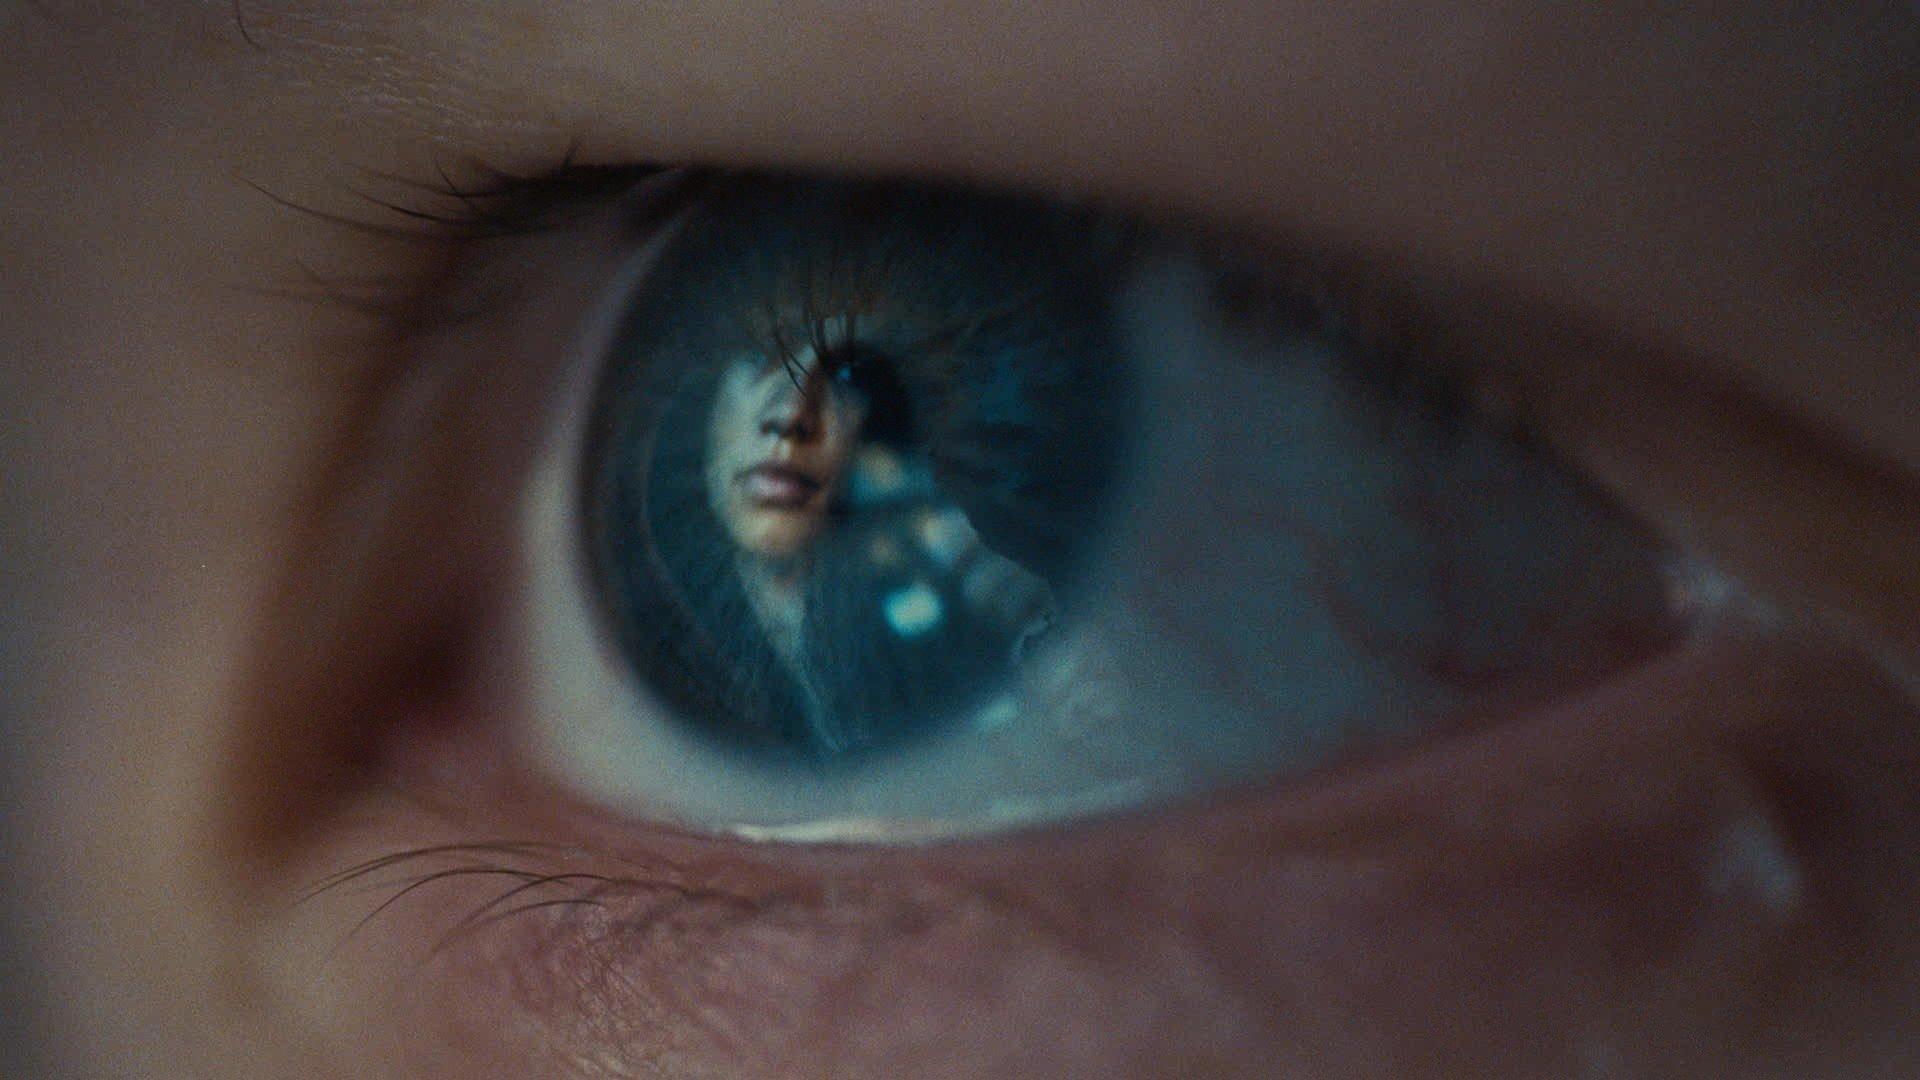 شبکهی HBO پخش دو قسمت ویژه از سریال Euphoria را تأیید کرد 1